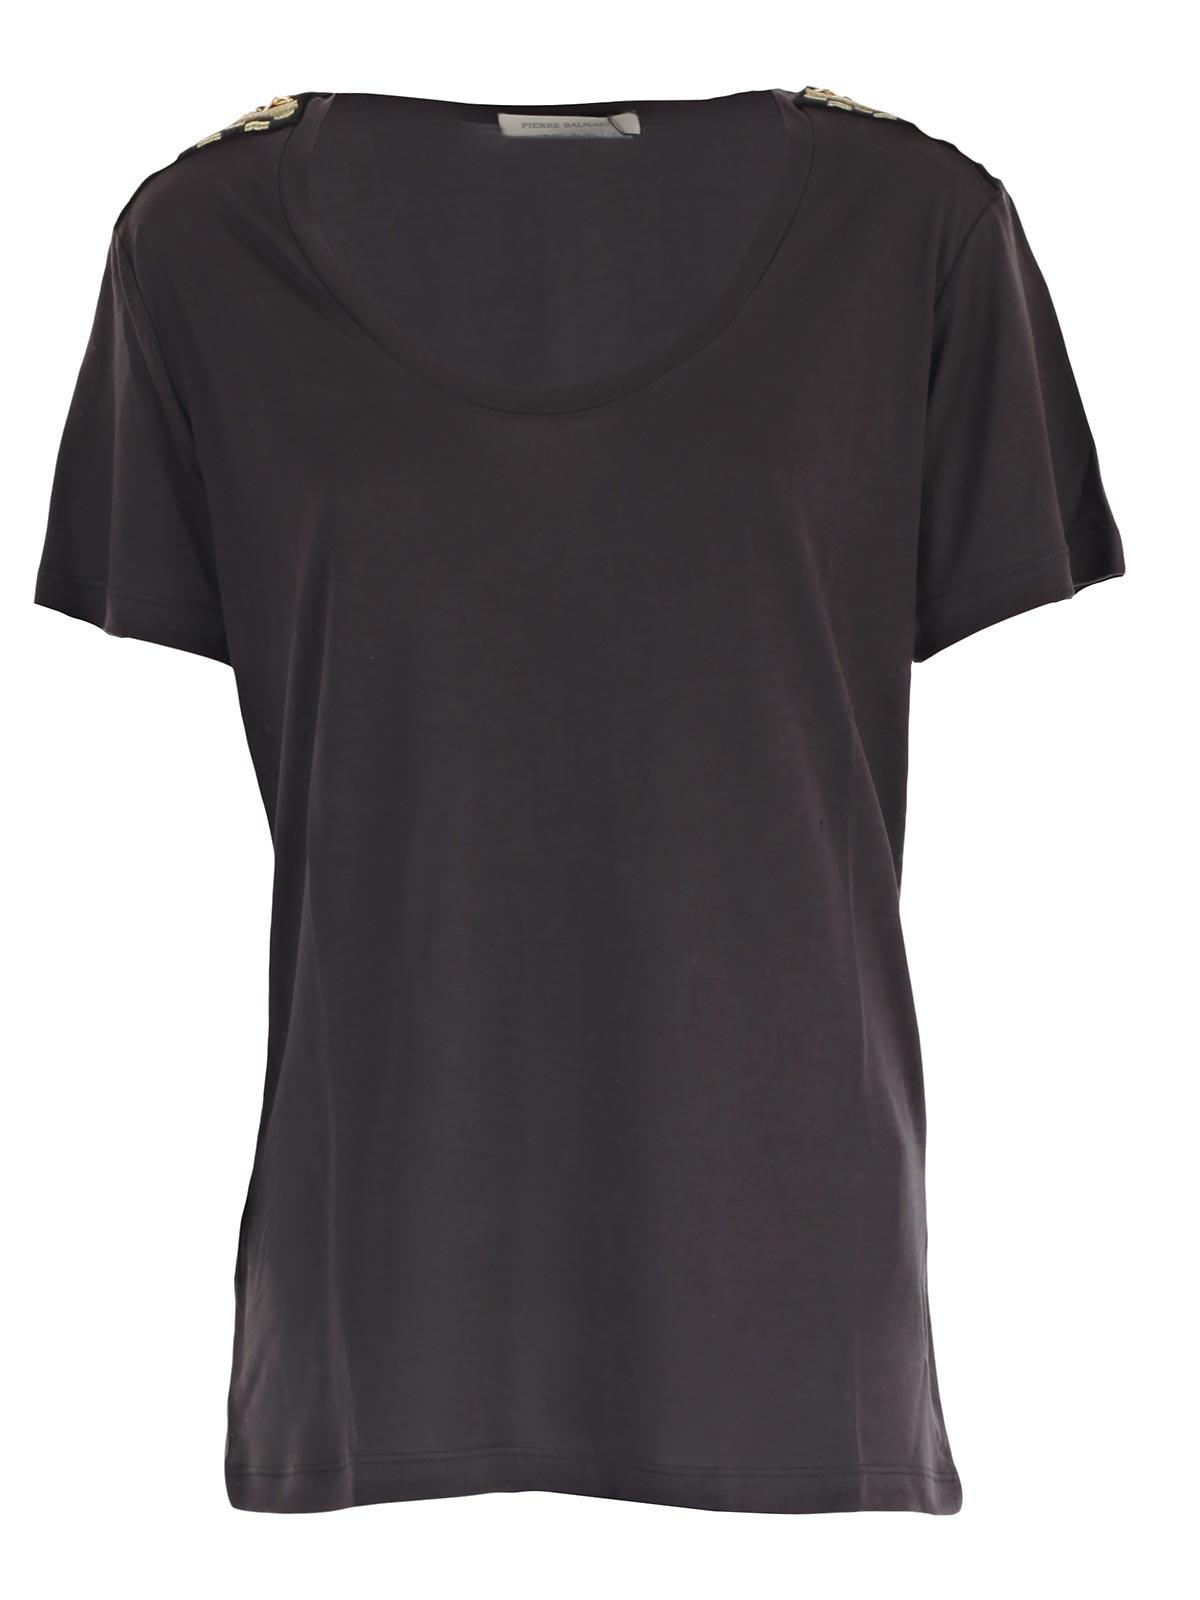 pierre balmain t shirt